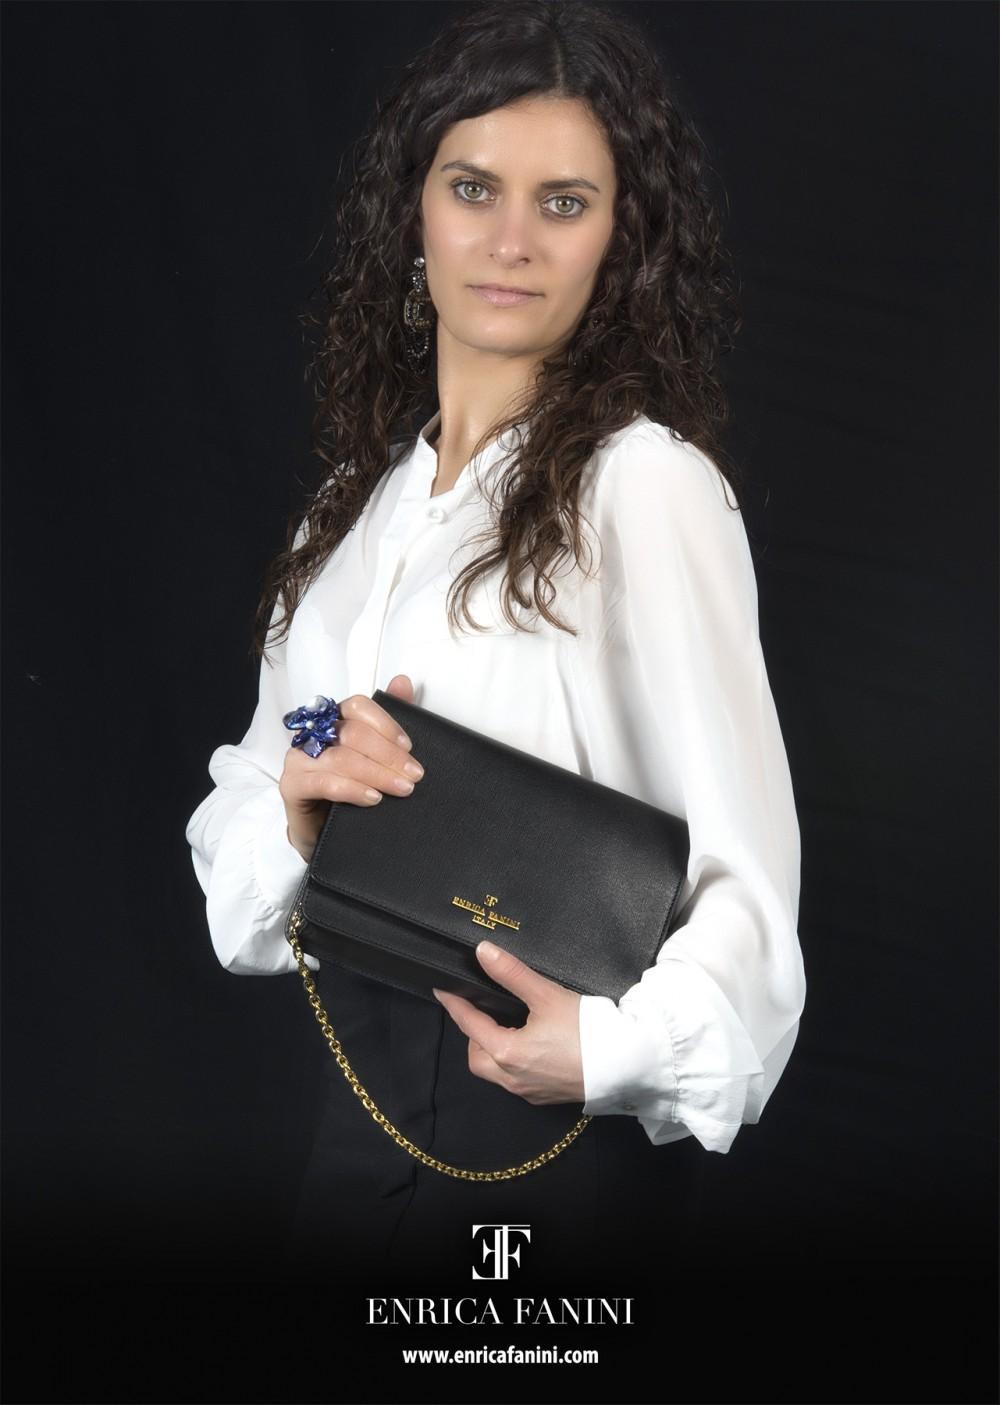 foto per pubblicità modella con borse ad arezzo